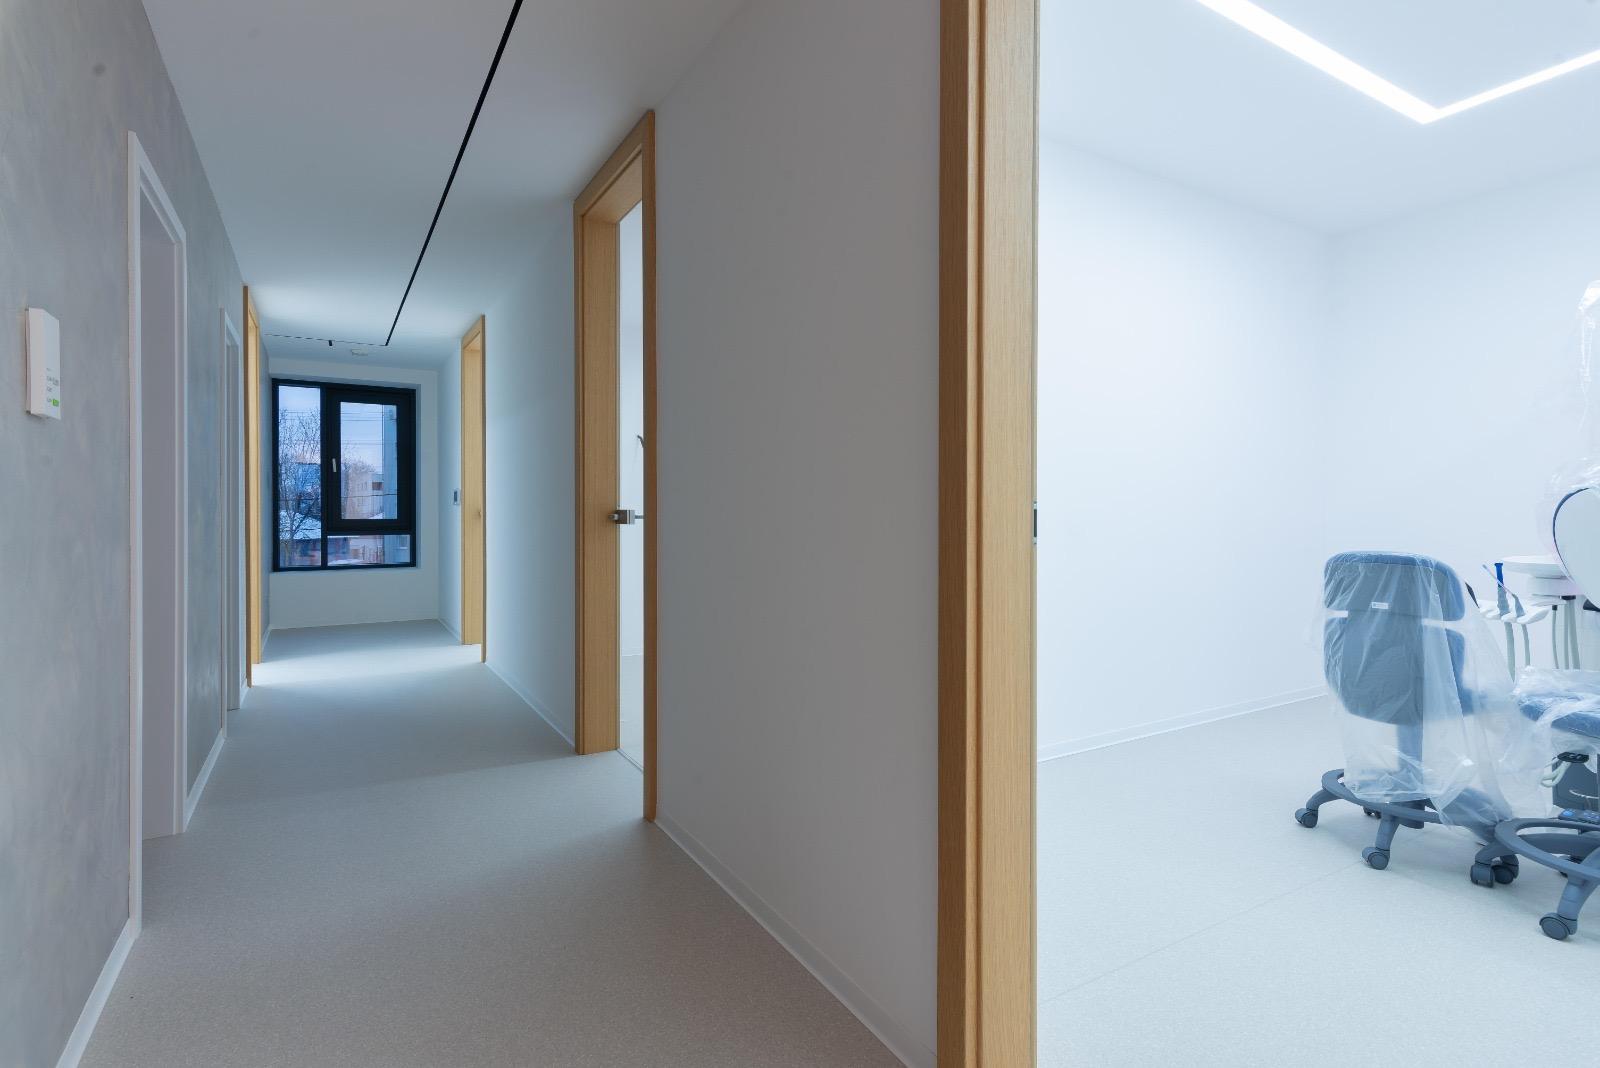 Studio dentistico - Romania - Battiscopa BA